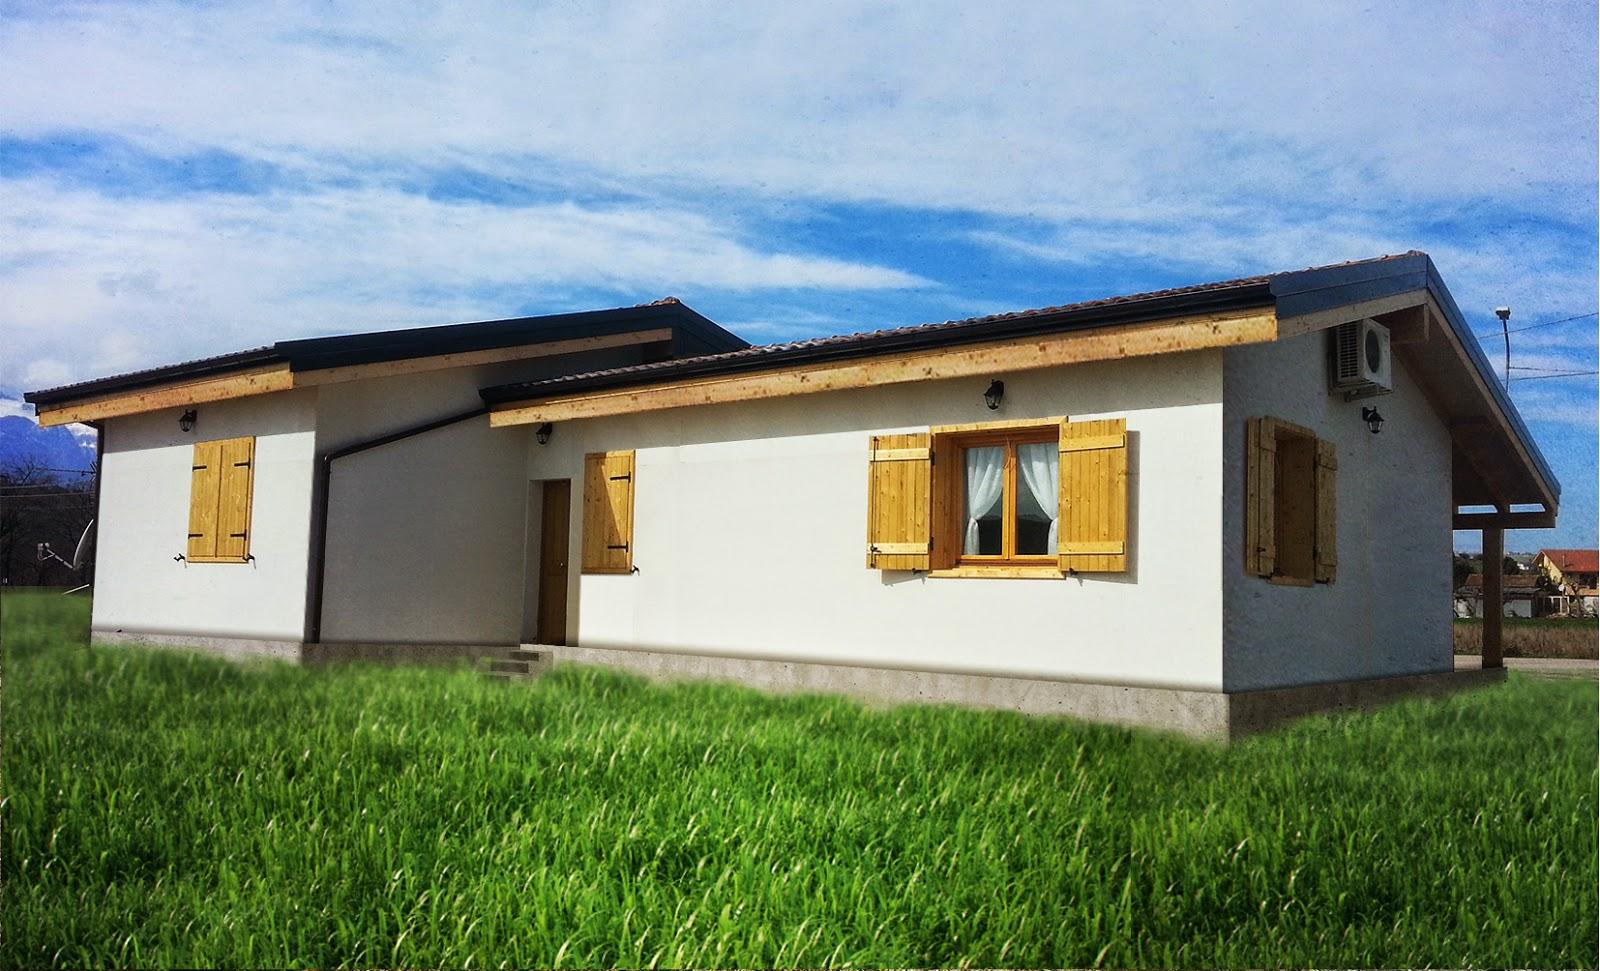 Progetti di case in legno casa 110 mq portico 10 mq for Progetti di piani portico proiettati